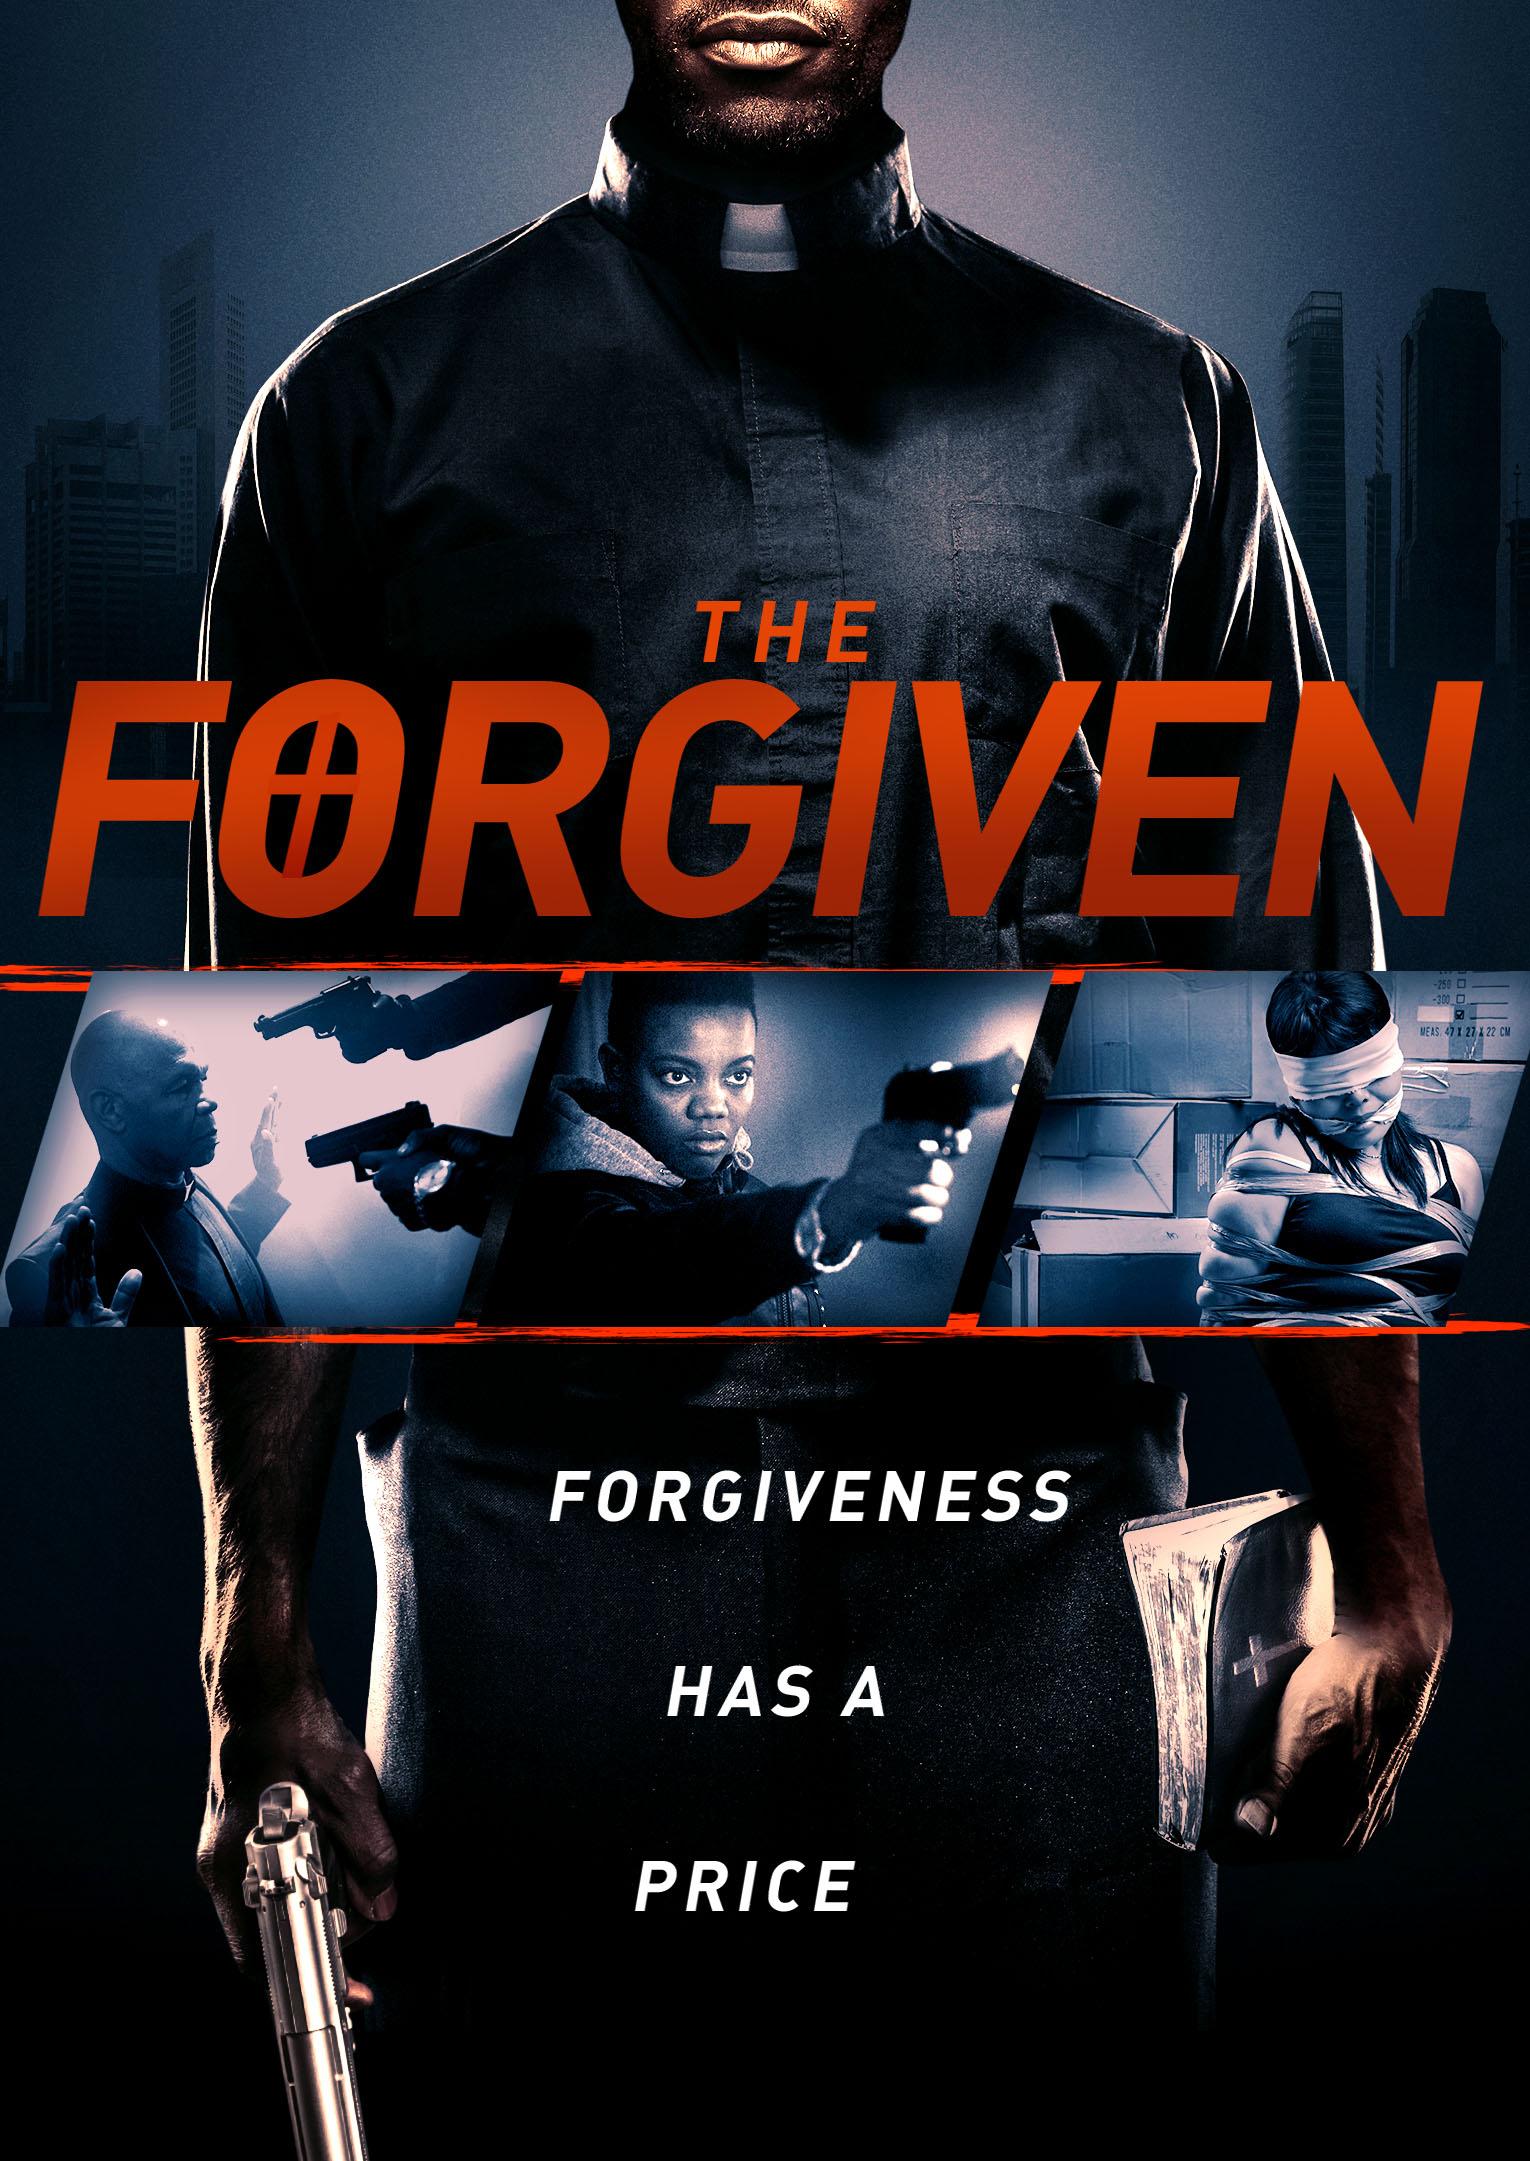 The Forgiven (2016) 720p | 480p HDRip [Dual Audio] [Hindi – English] x264 AAC